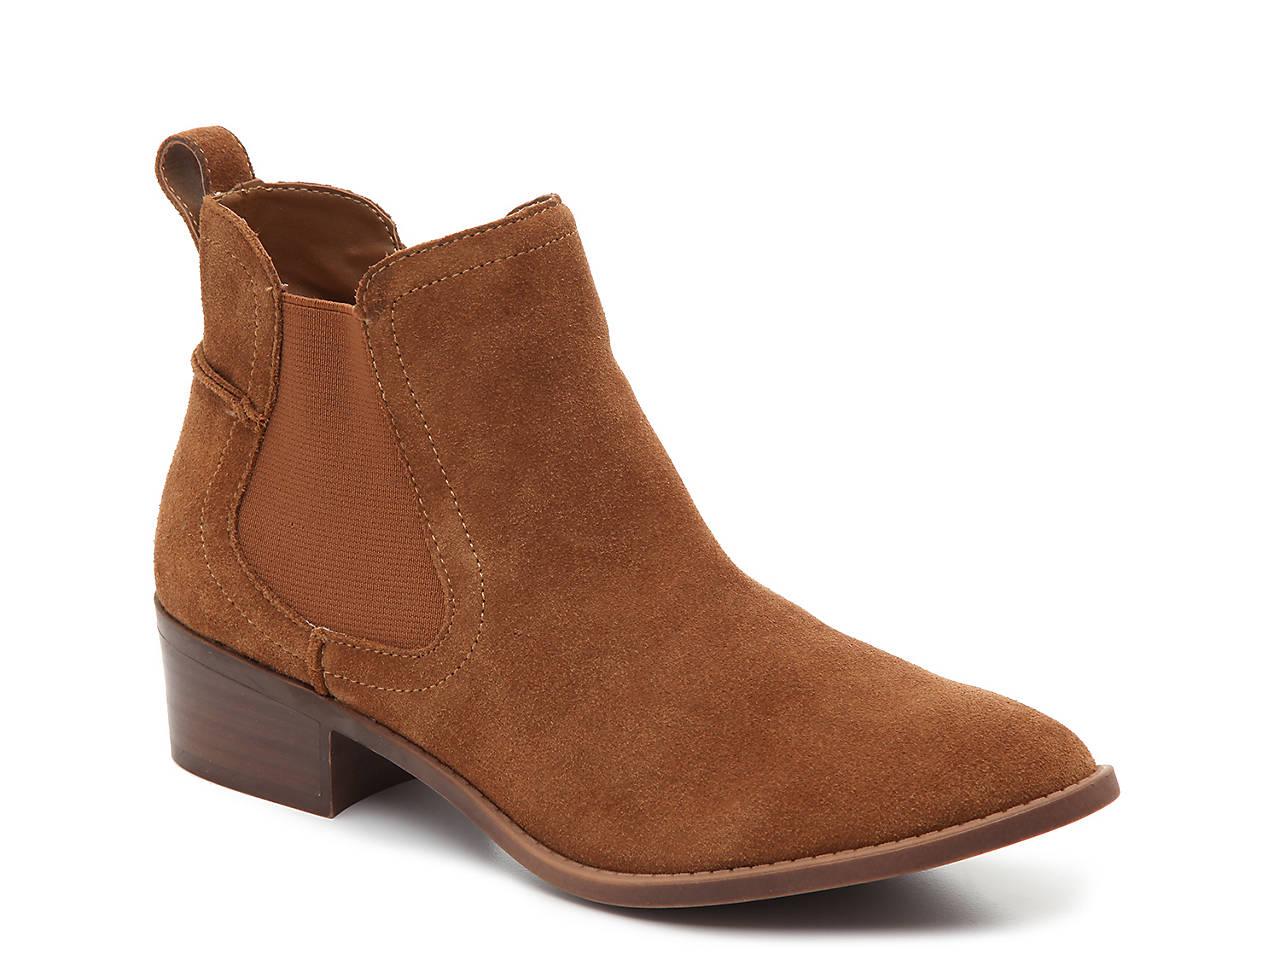 ce0e4506bdfe Steve Madden Drape Chelsea Boot Women s Shoes